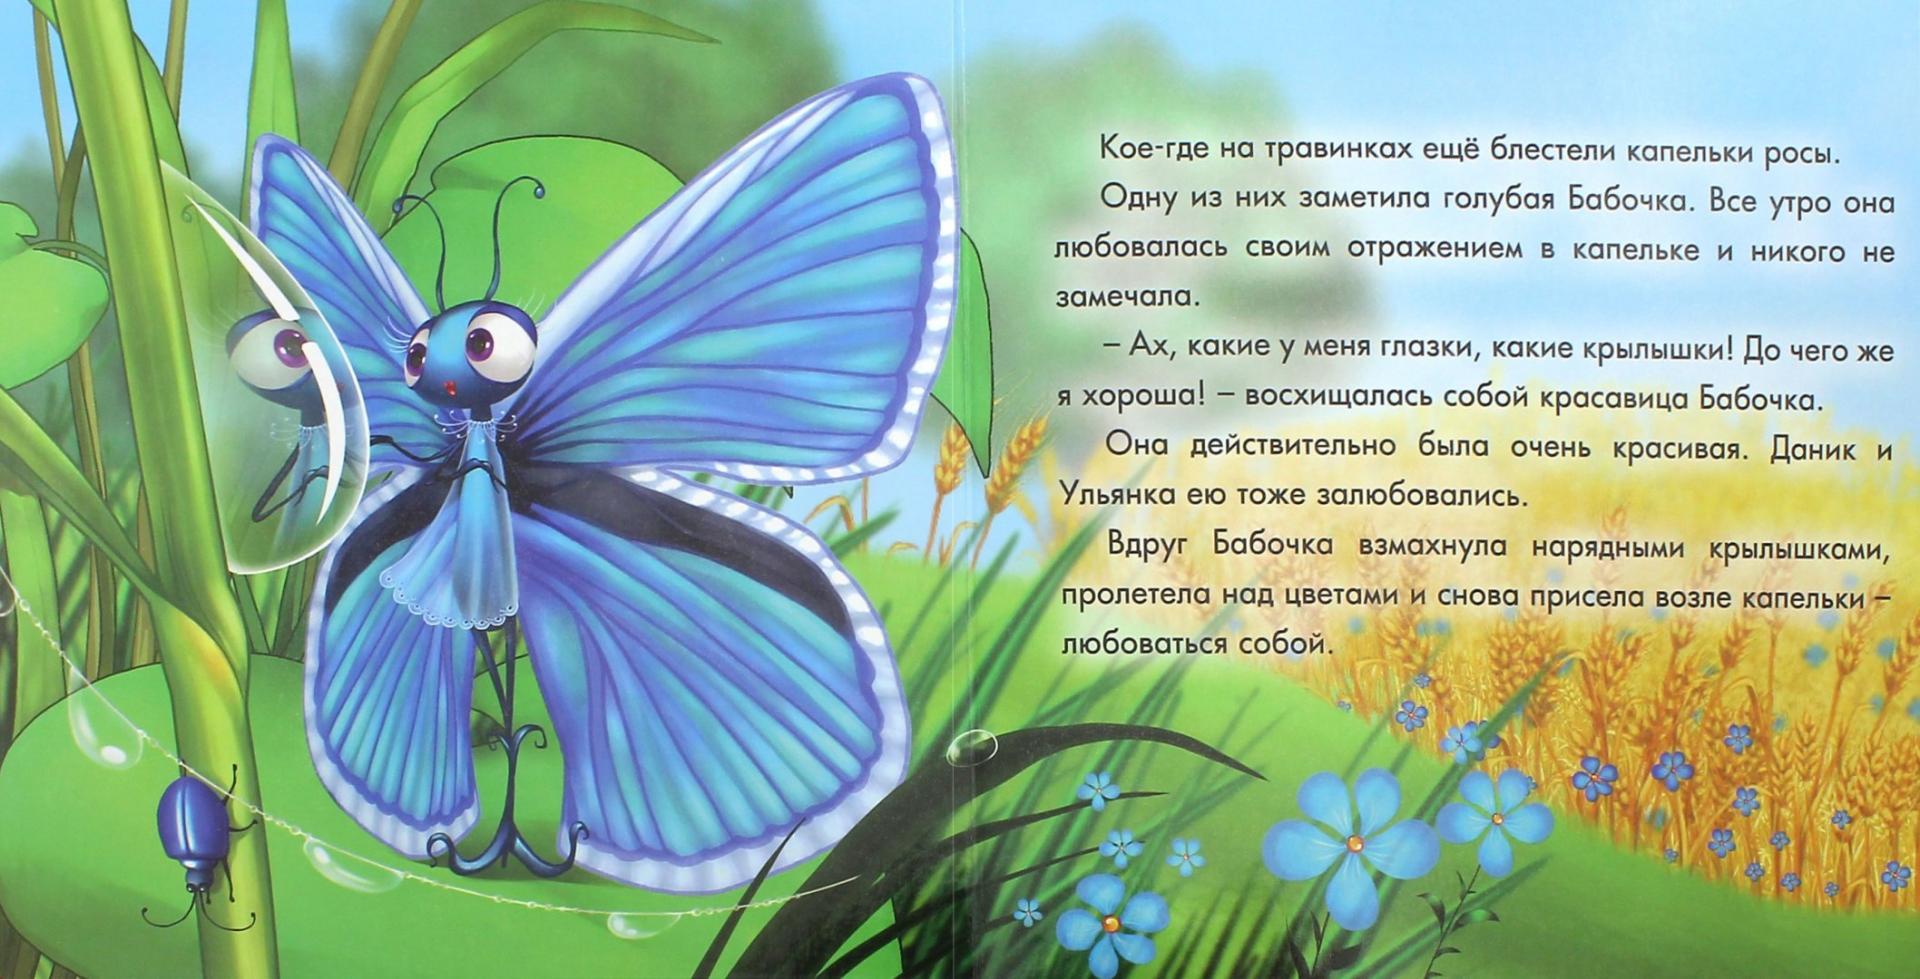 сказка про насекомых с иллюстрациями